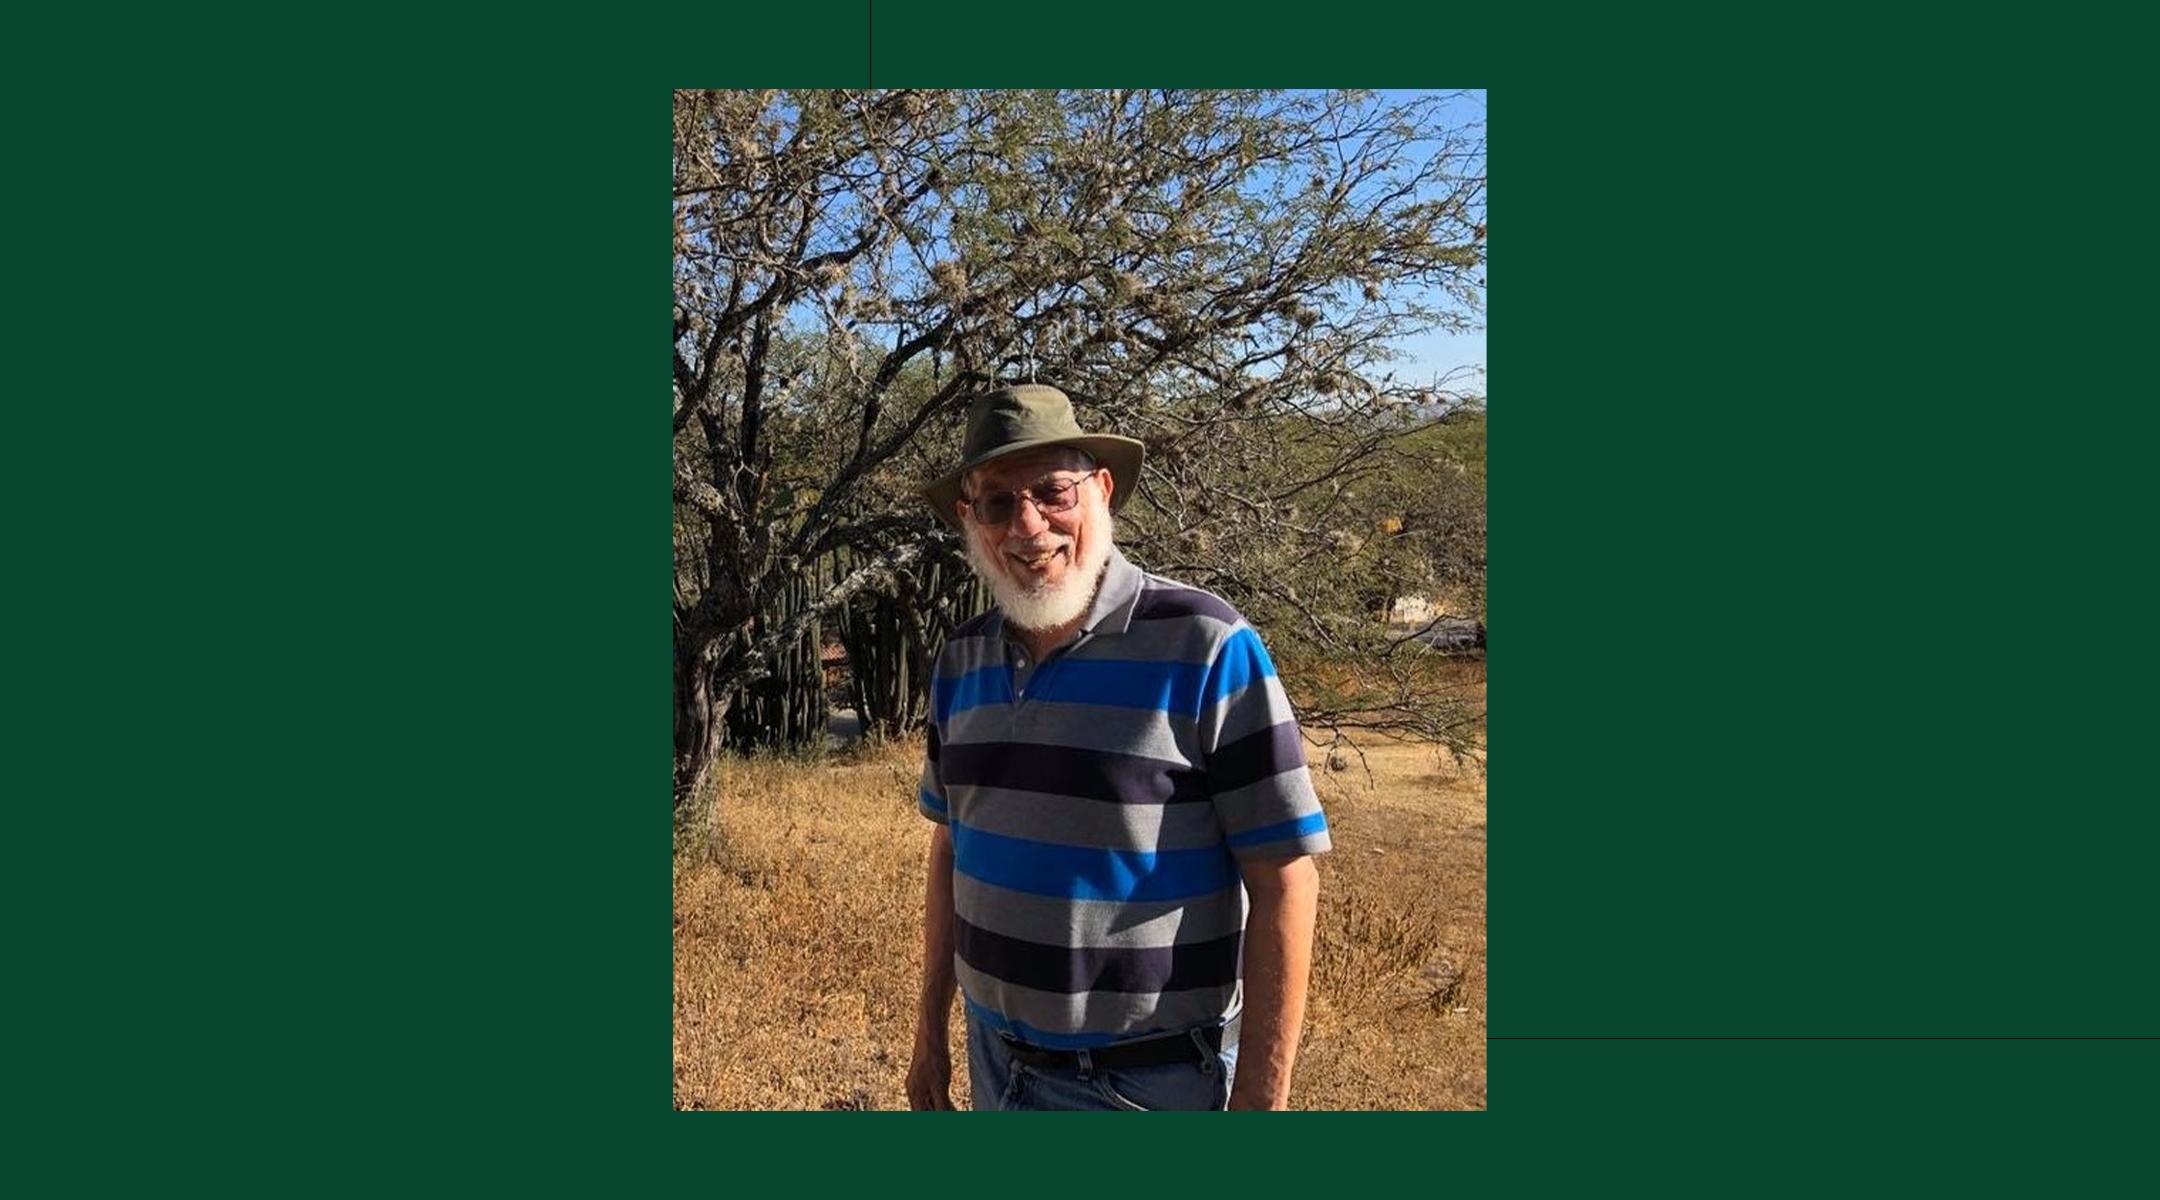 David Gitlitz, 78, scholar of Sephardic Jewish history